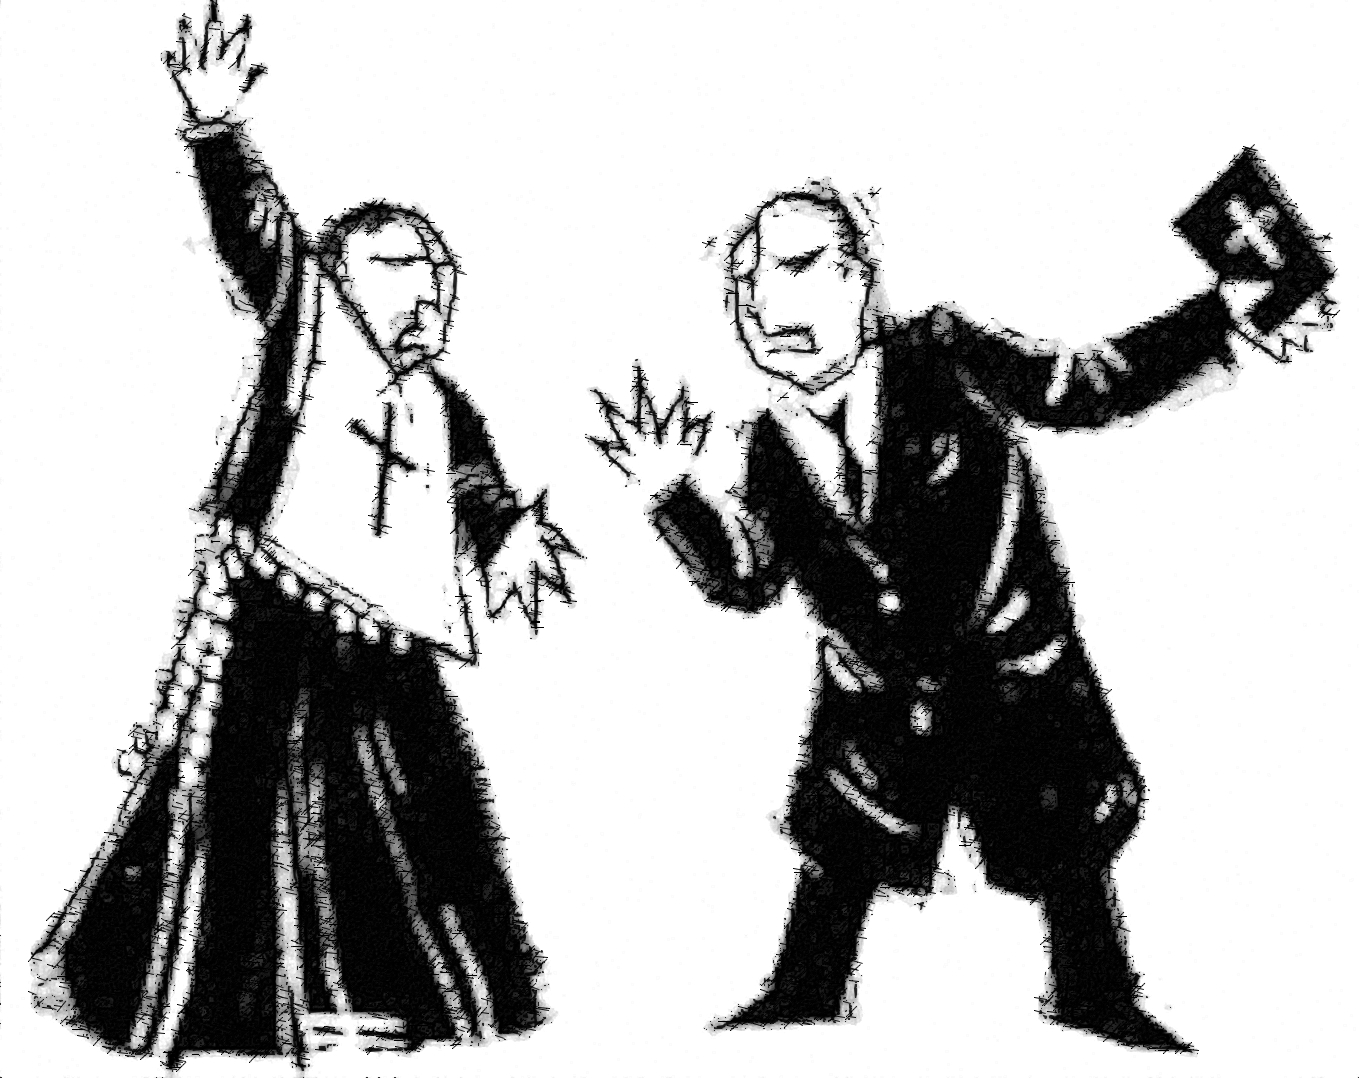 Matrimonio Catolico Y Protestante : Hay una gran diferencia entre los católicos y protestantes